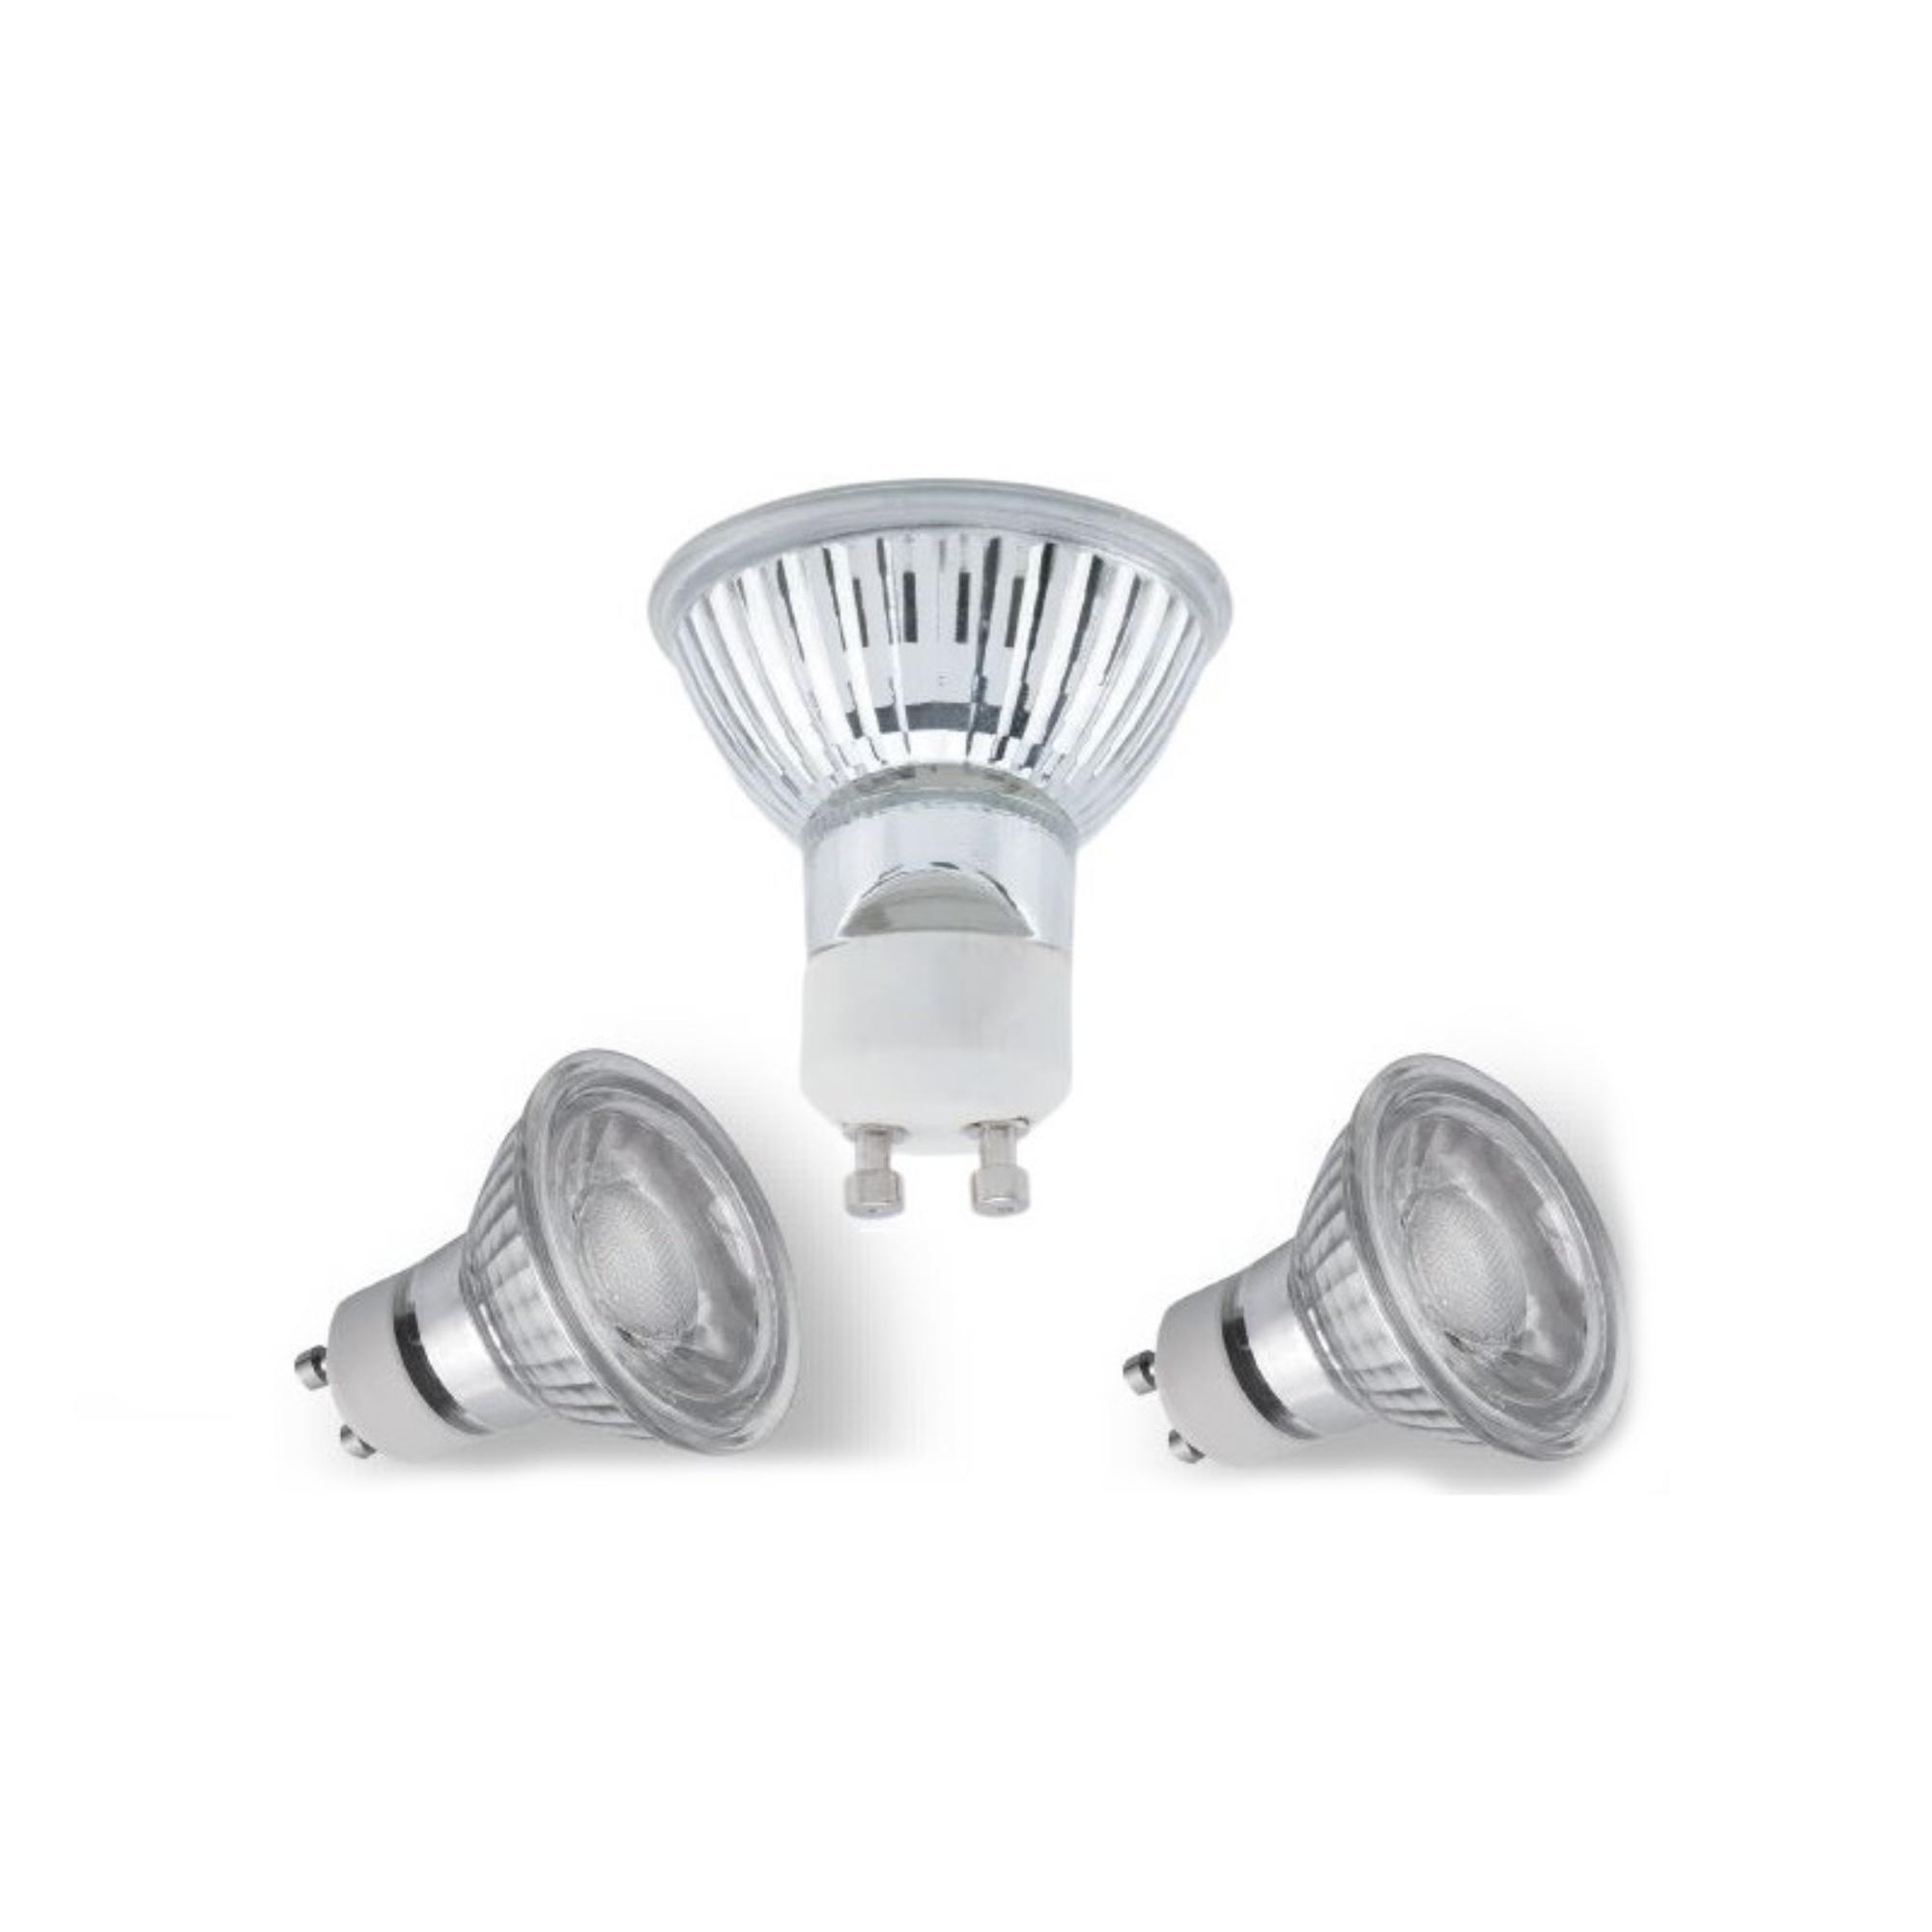 Classic LED Spot - 5 Watt. - Warmwit 3000K - GU10 - 3 Stuks